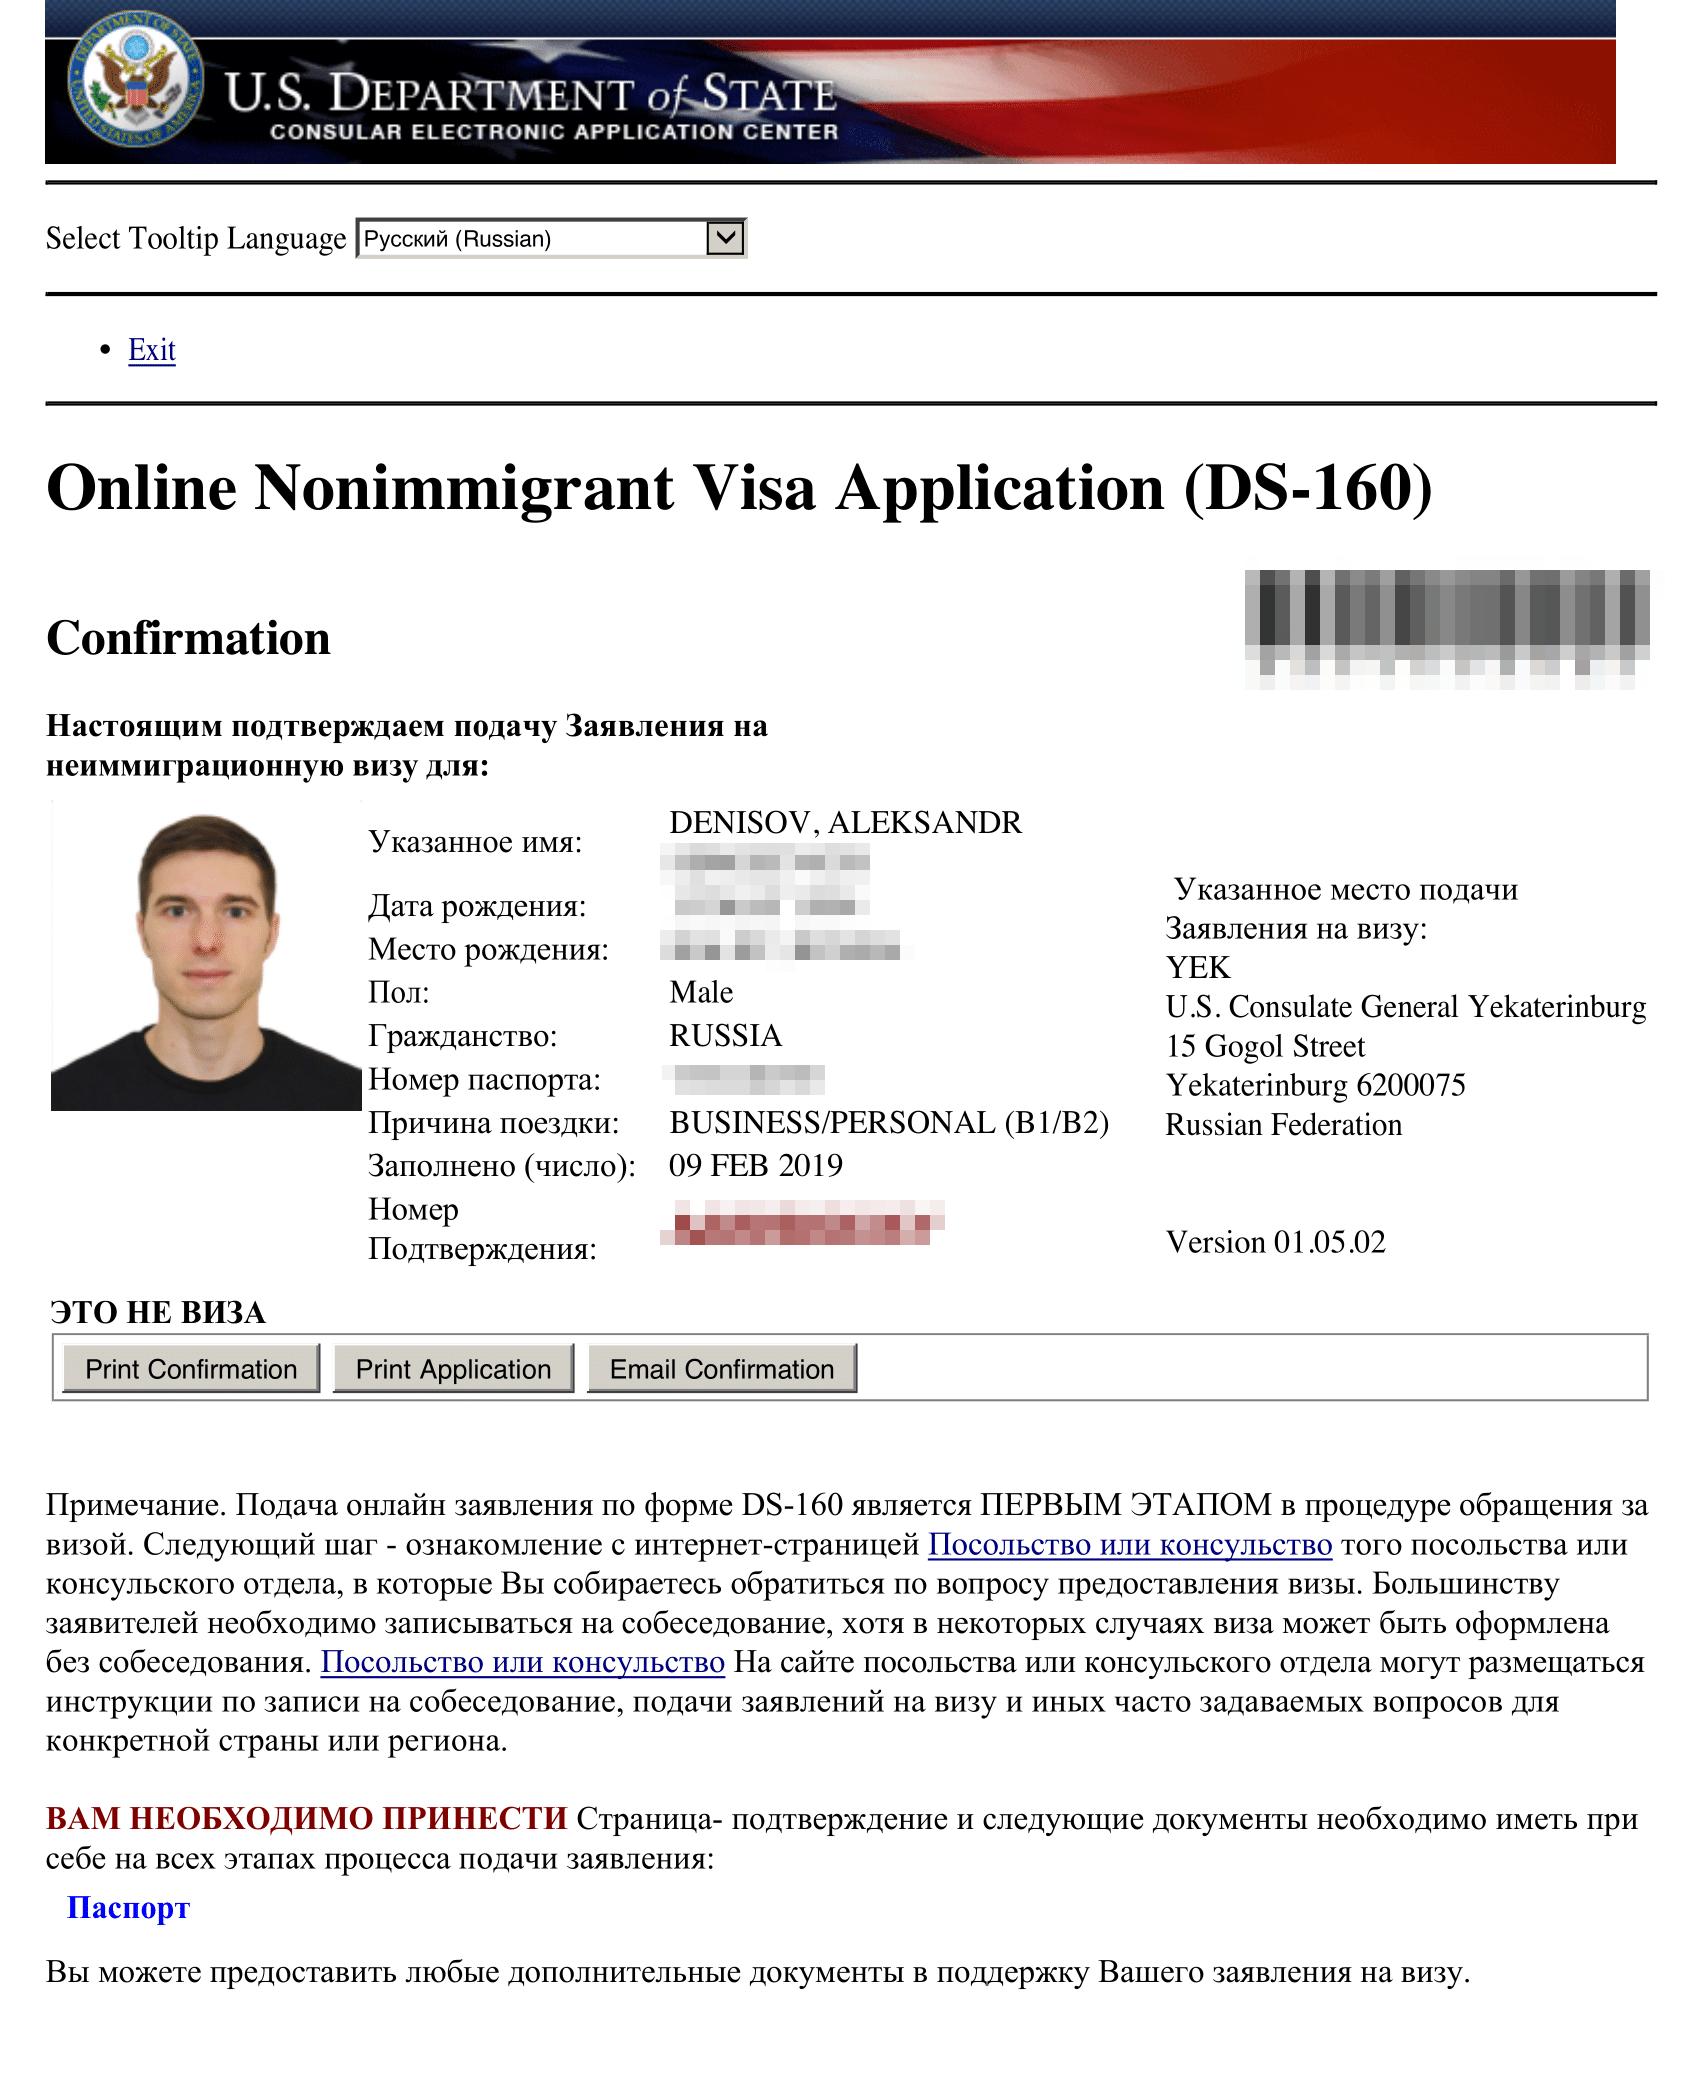 Моя заявка на получение визы по форме DS-160. С мая 2019года в DS-160 необходимо указывать ссылки на свои аккаунты в социальных сетях